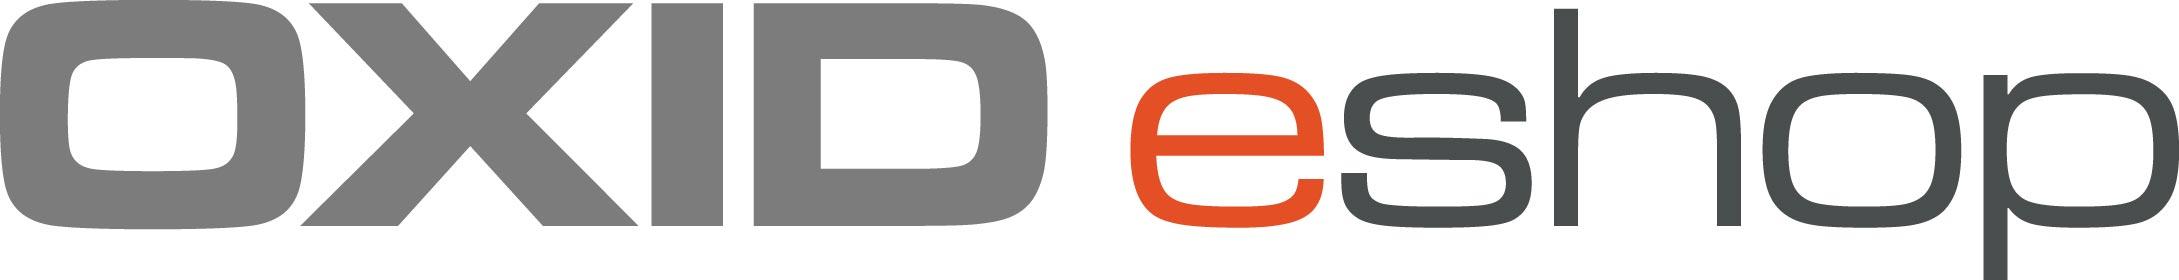 OXID-eShop-logo.jpg